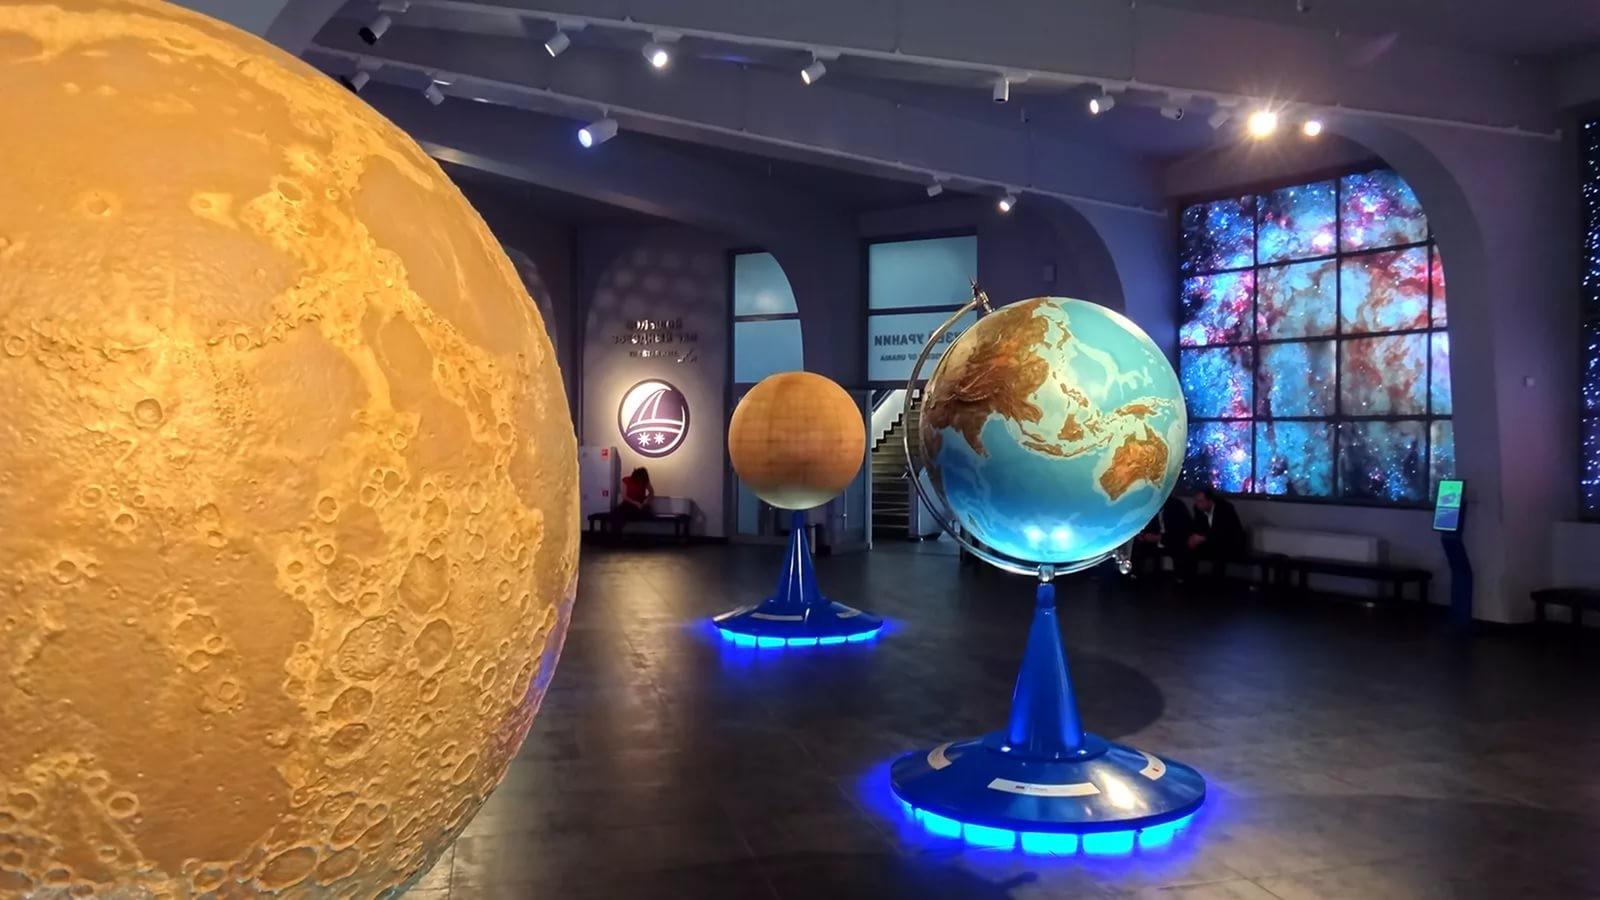 ВМосковском планетарии впервый раз откроют курсы астрономии для взрослых